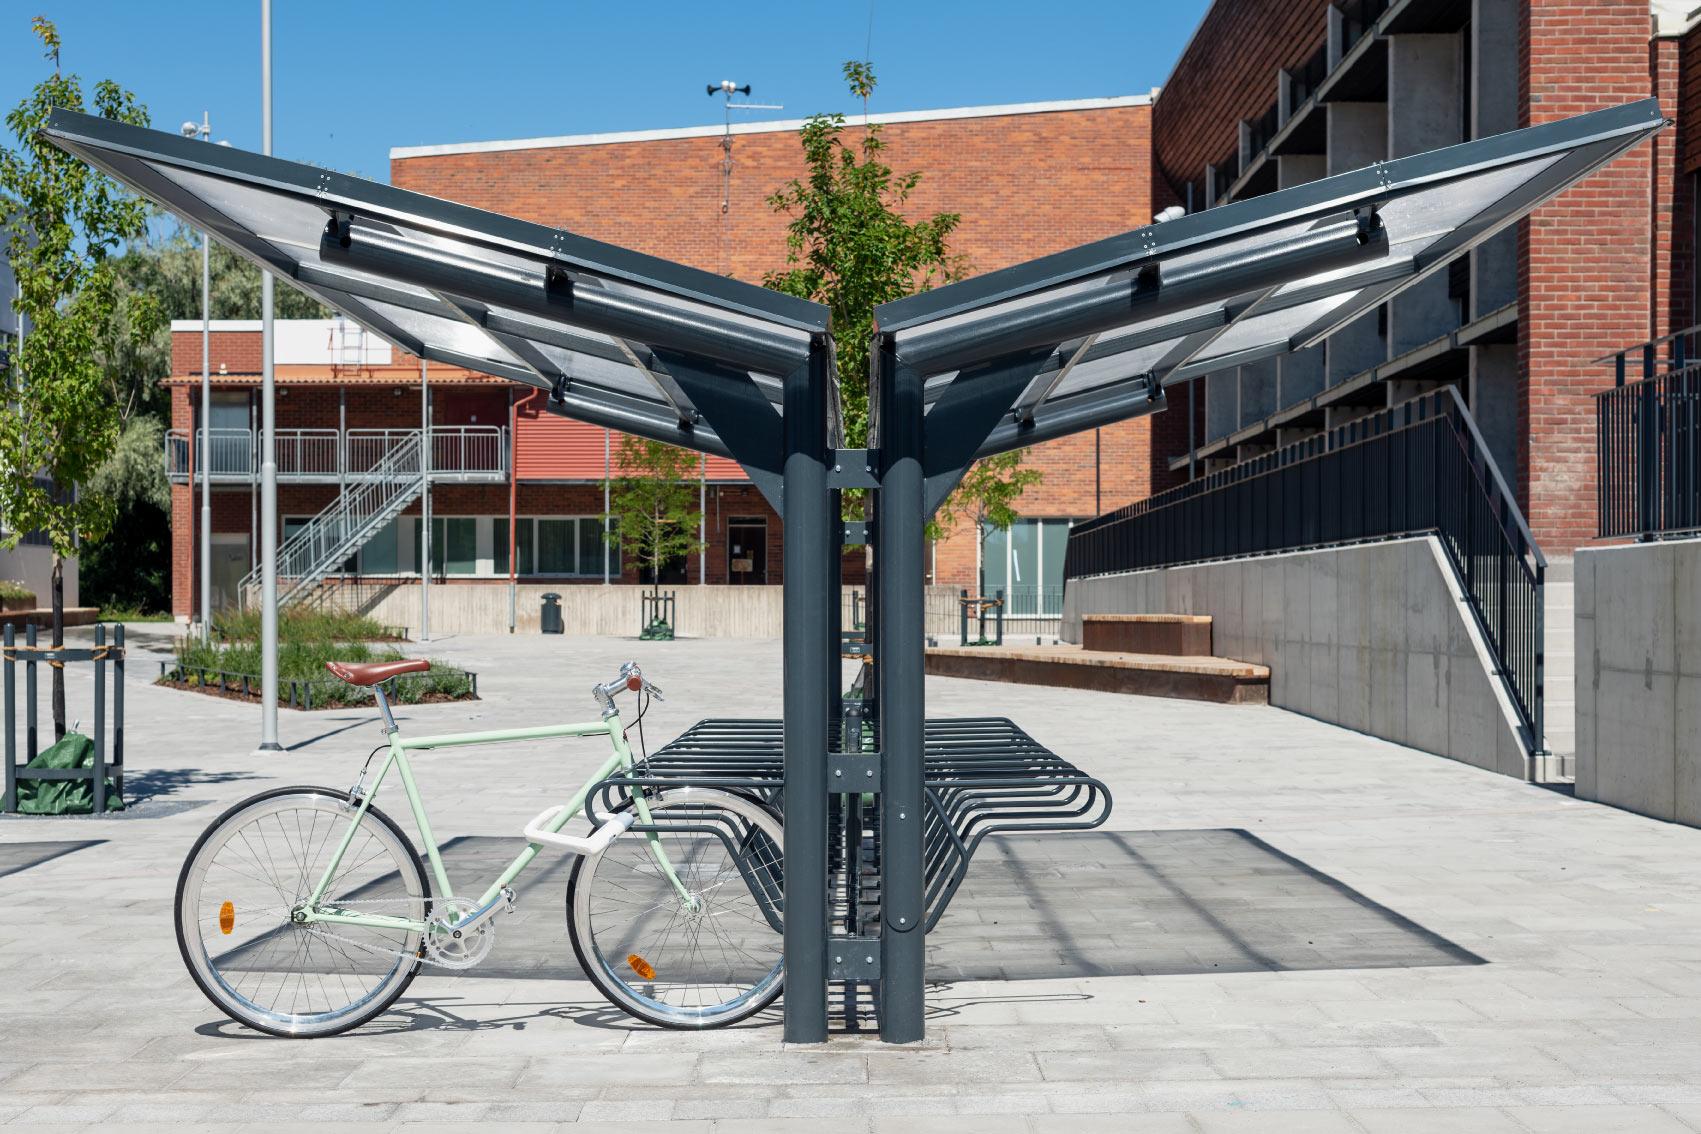 Dubbelsidigt cykeltak YPSILON från Cyklos sett från sidan tillsammans med cykelställ DELTA där en parkerad cykel är fastlåst i ramen